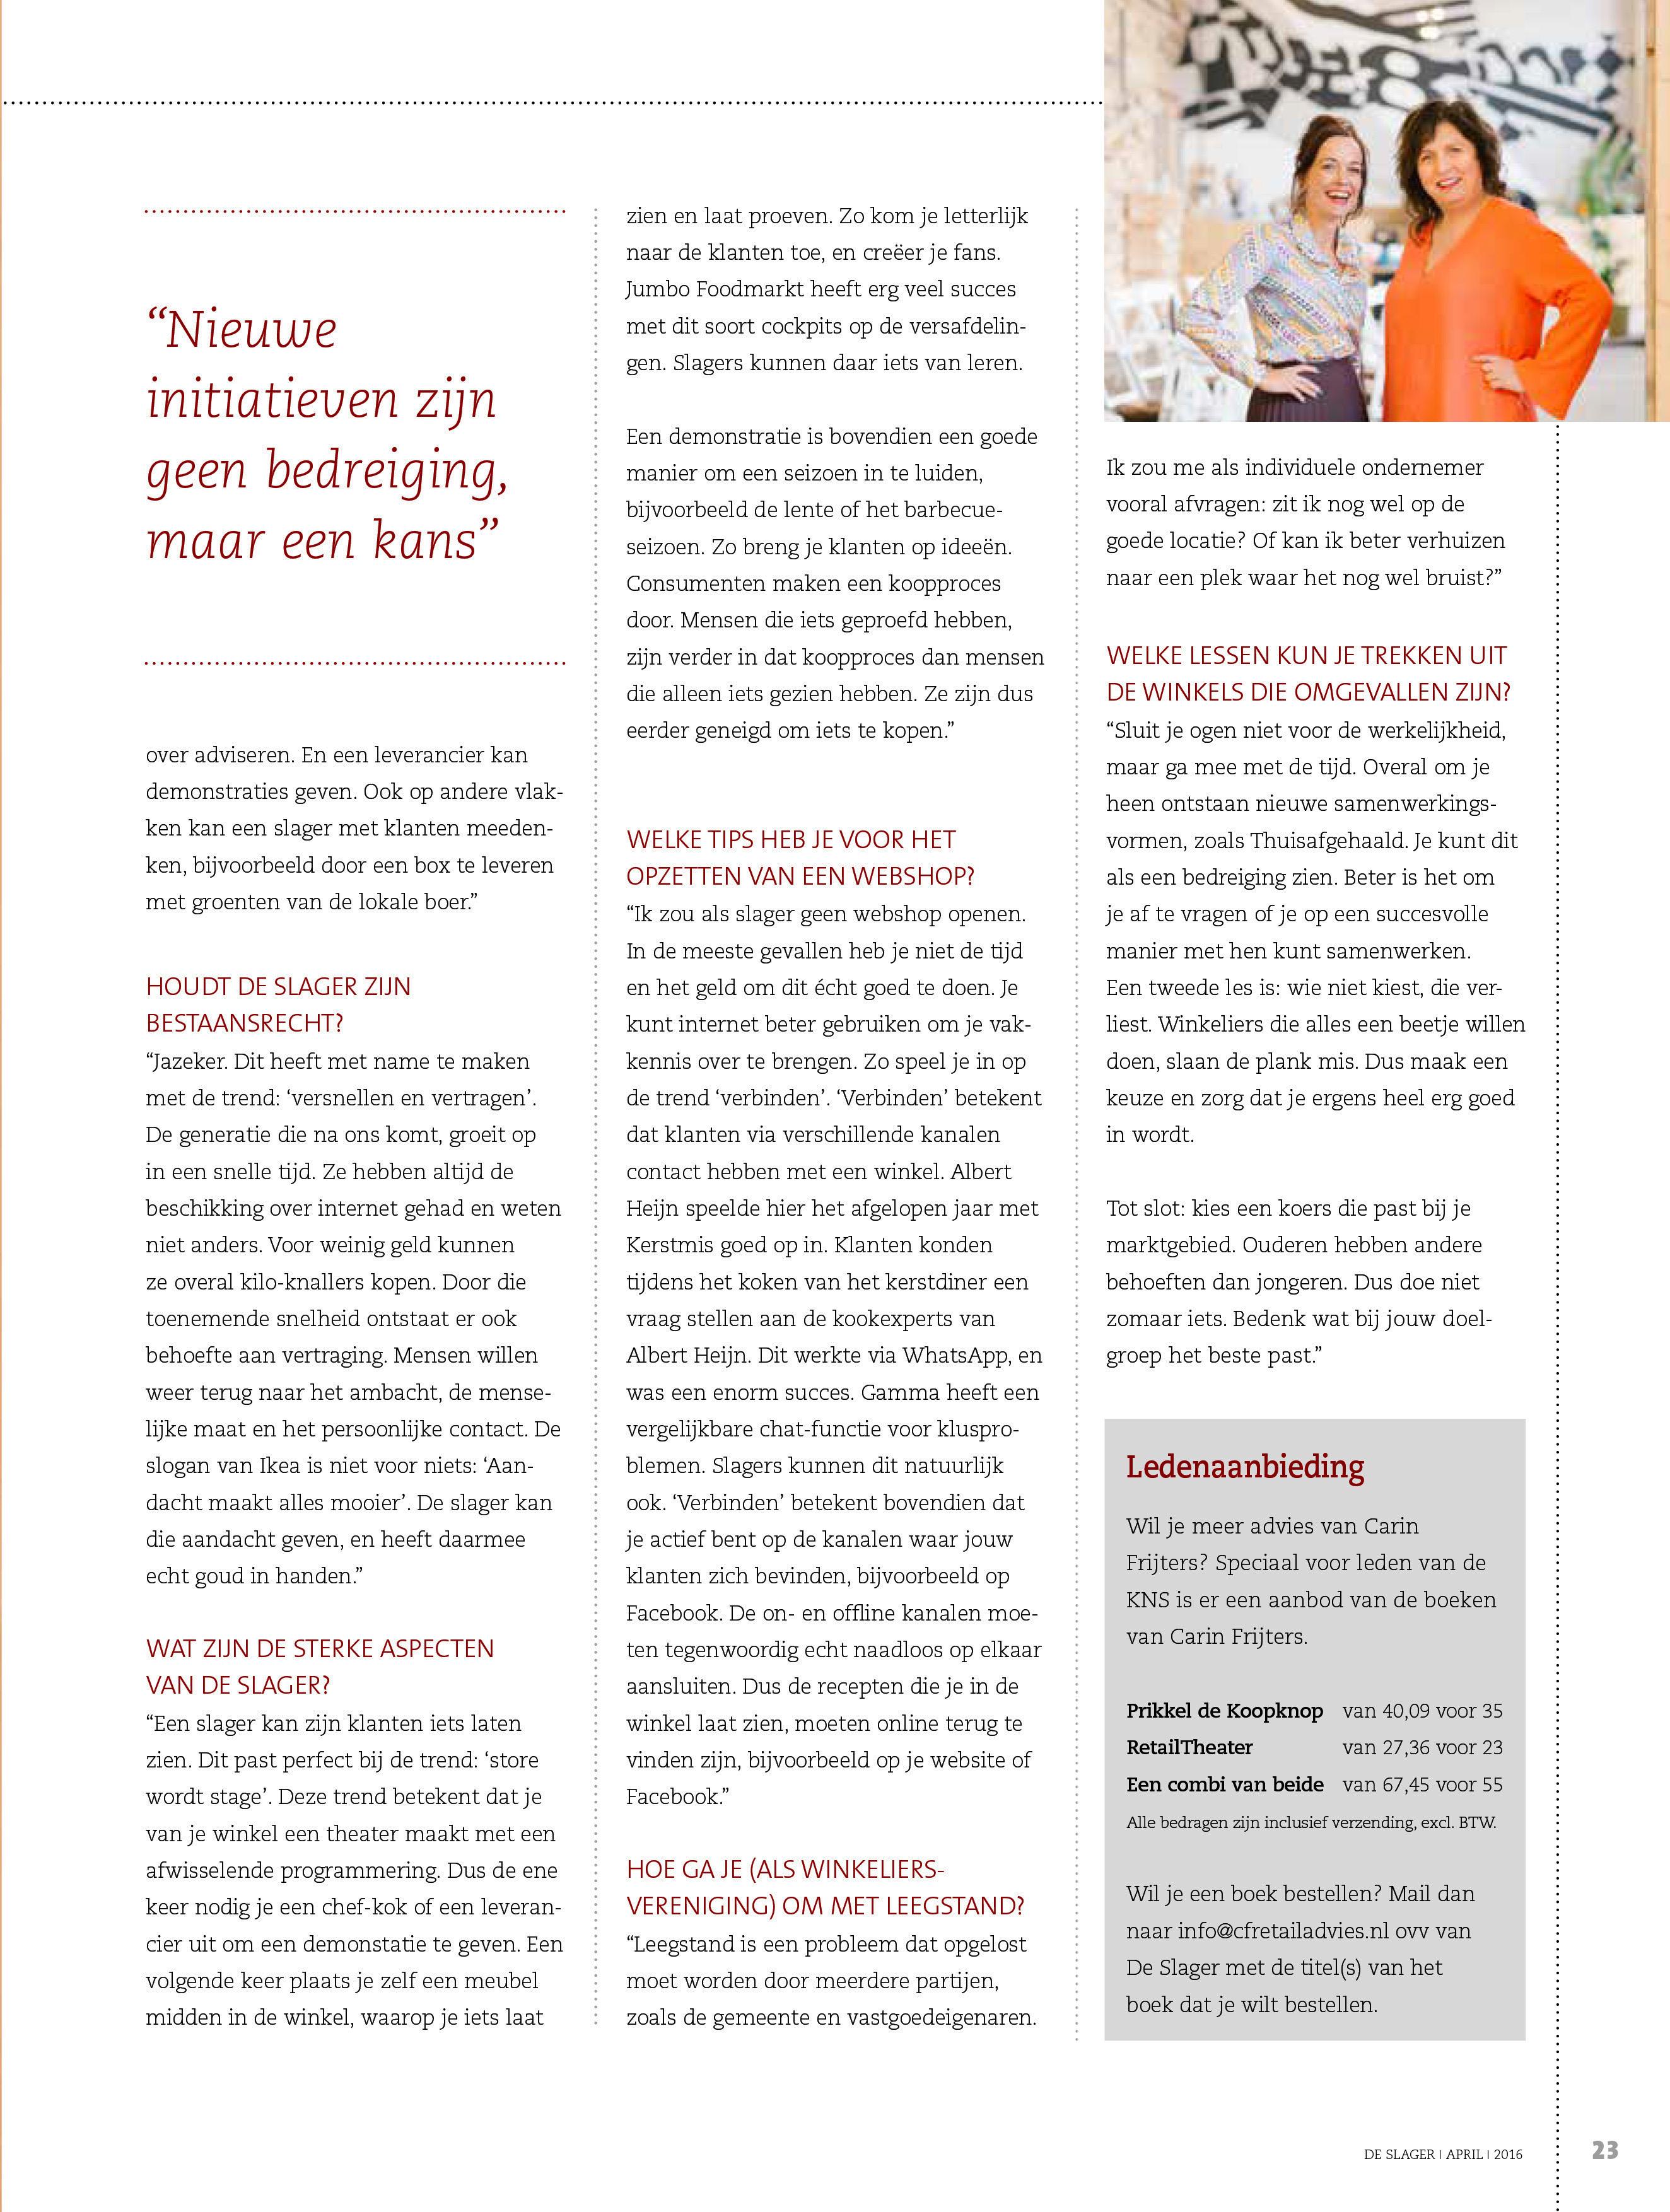 interview-KNS-De Slager 2